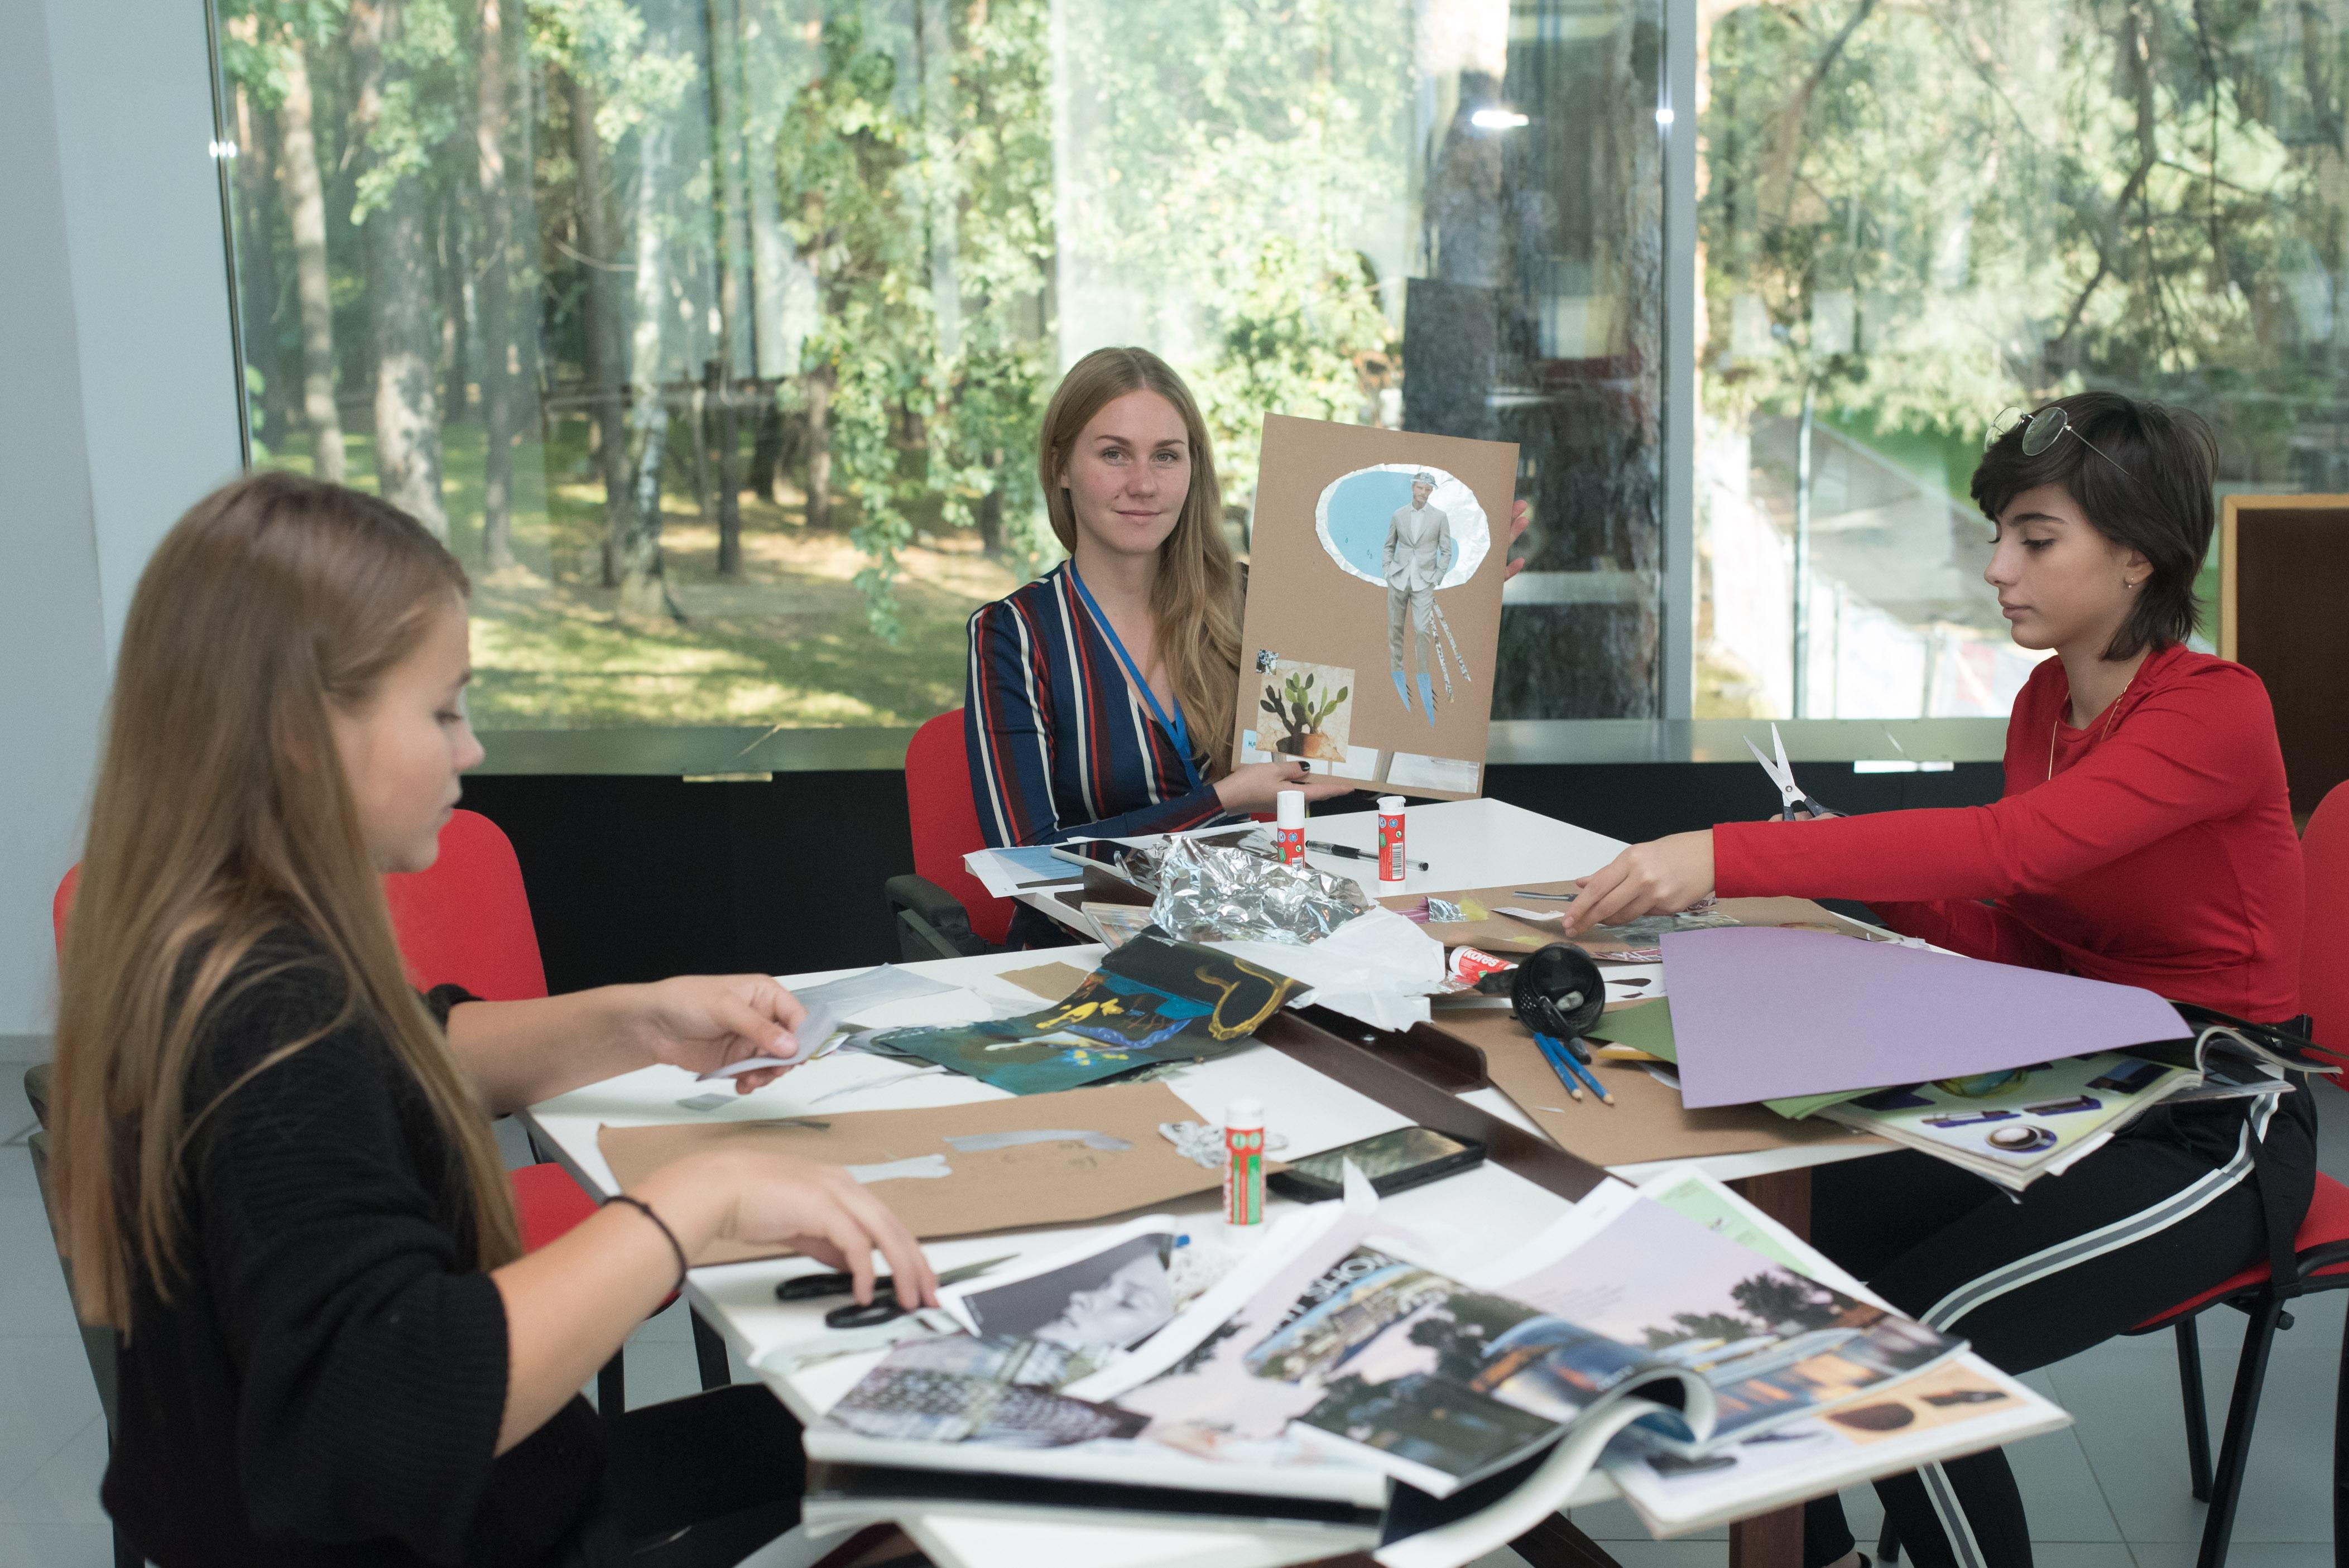 Практический курс по дизайну костюма «Костюм играет в кино» – события на сайте «Московские Сезоны»